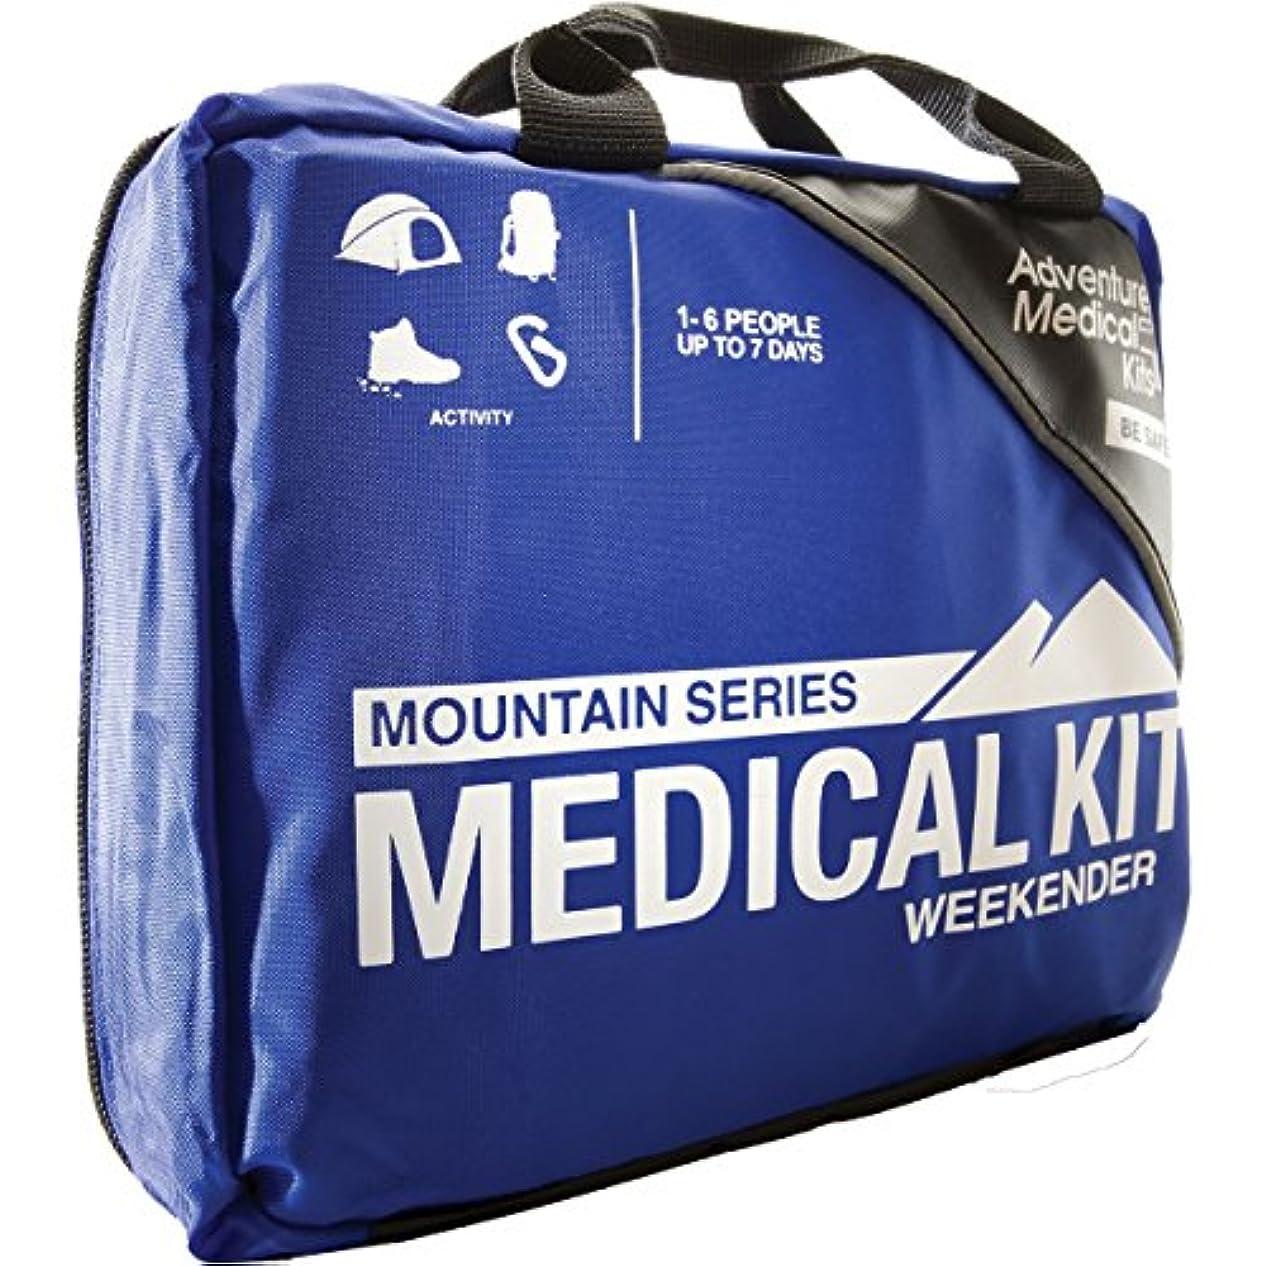 屋内で参加するふくろうAdventure MedicalウィークエンダーFirst Aid Kit – Mountainシリーズ